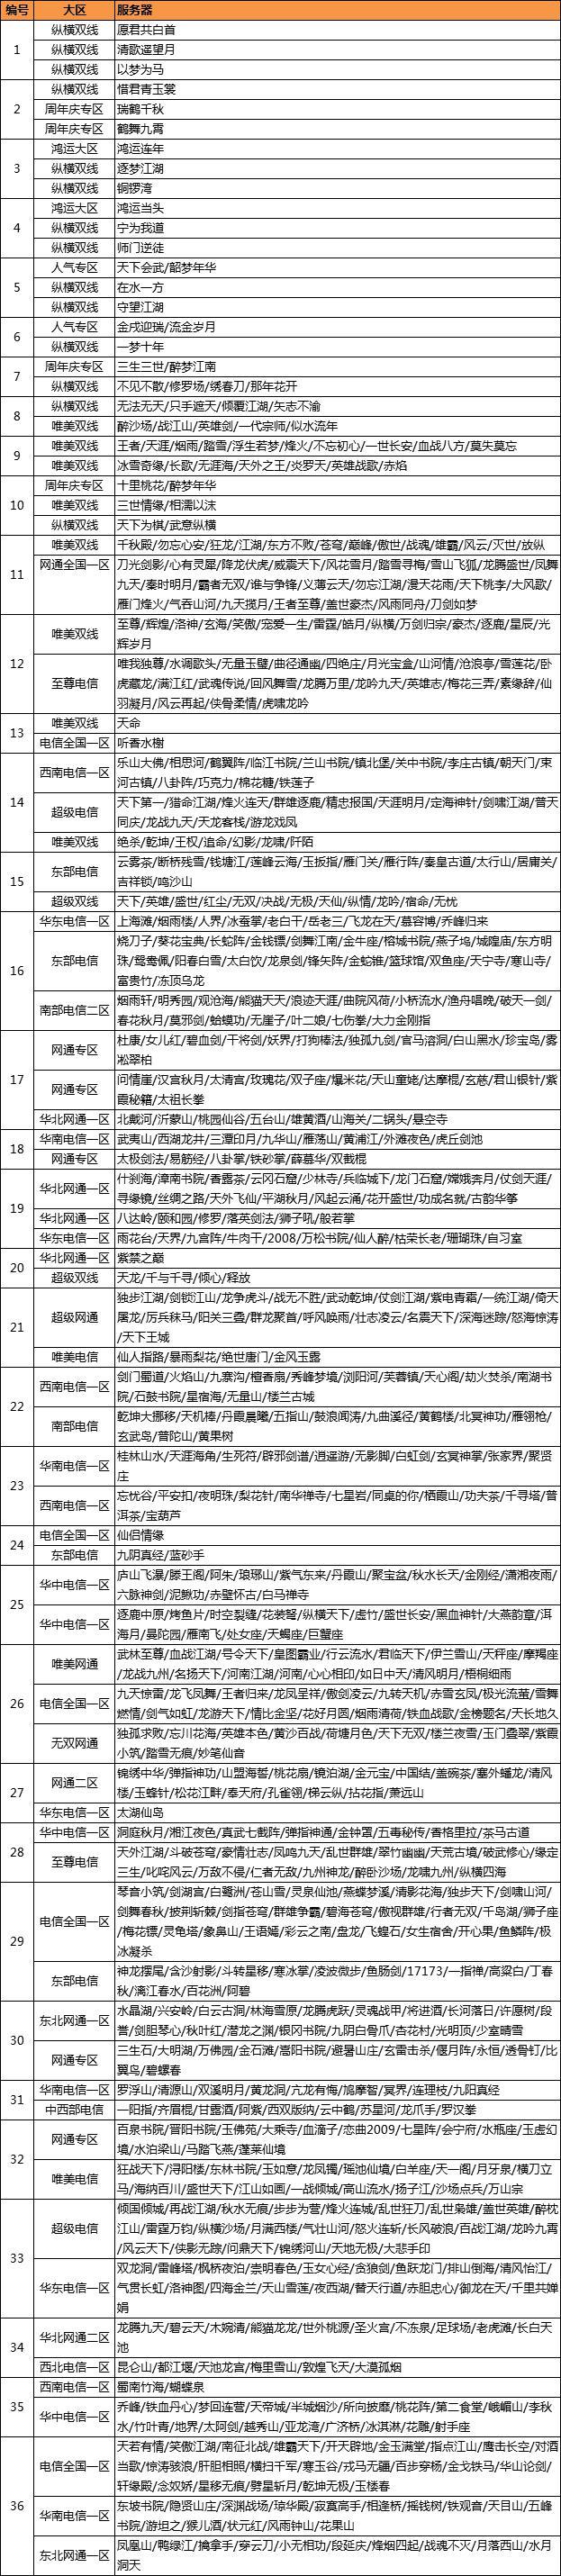 图2:重组名单